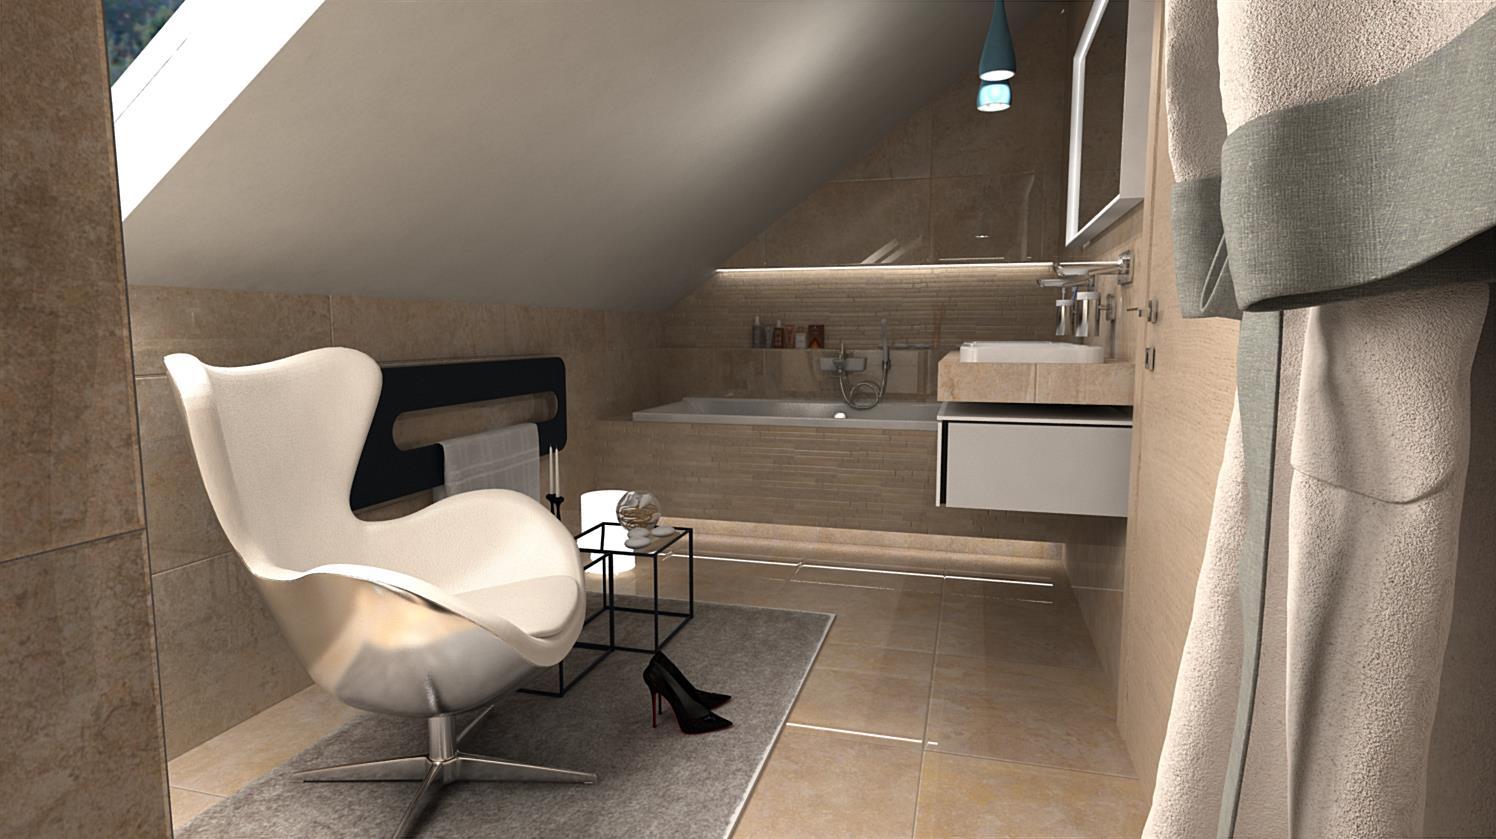 Vizualizácie kúpeľní - Obrázok č. 82